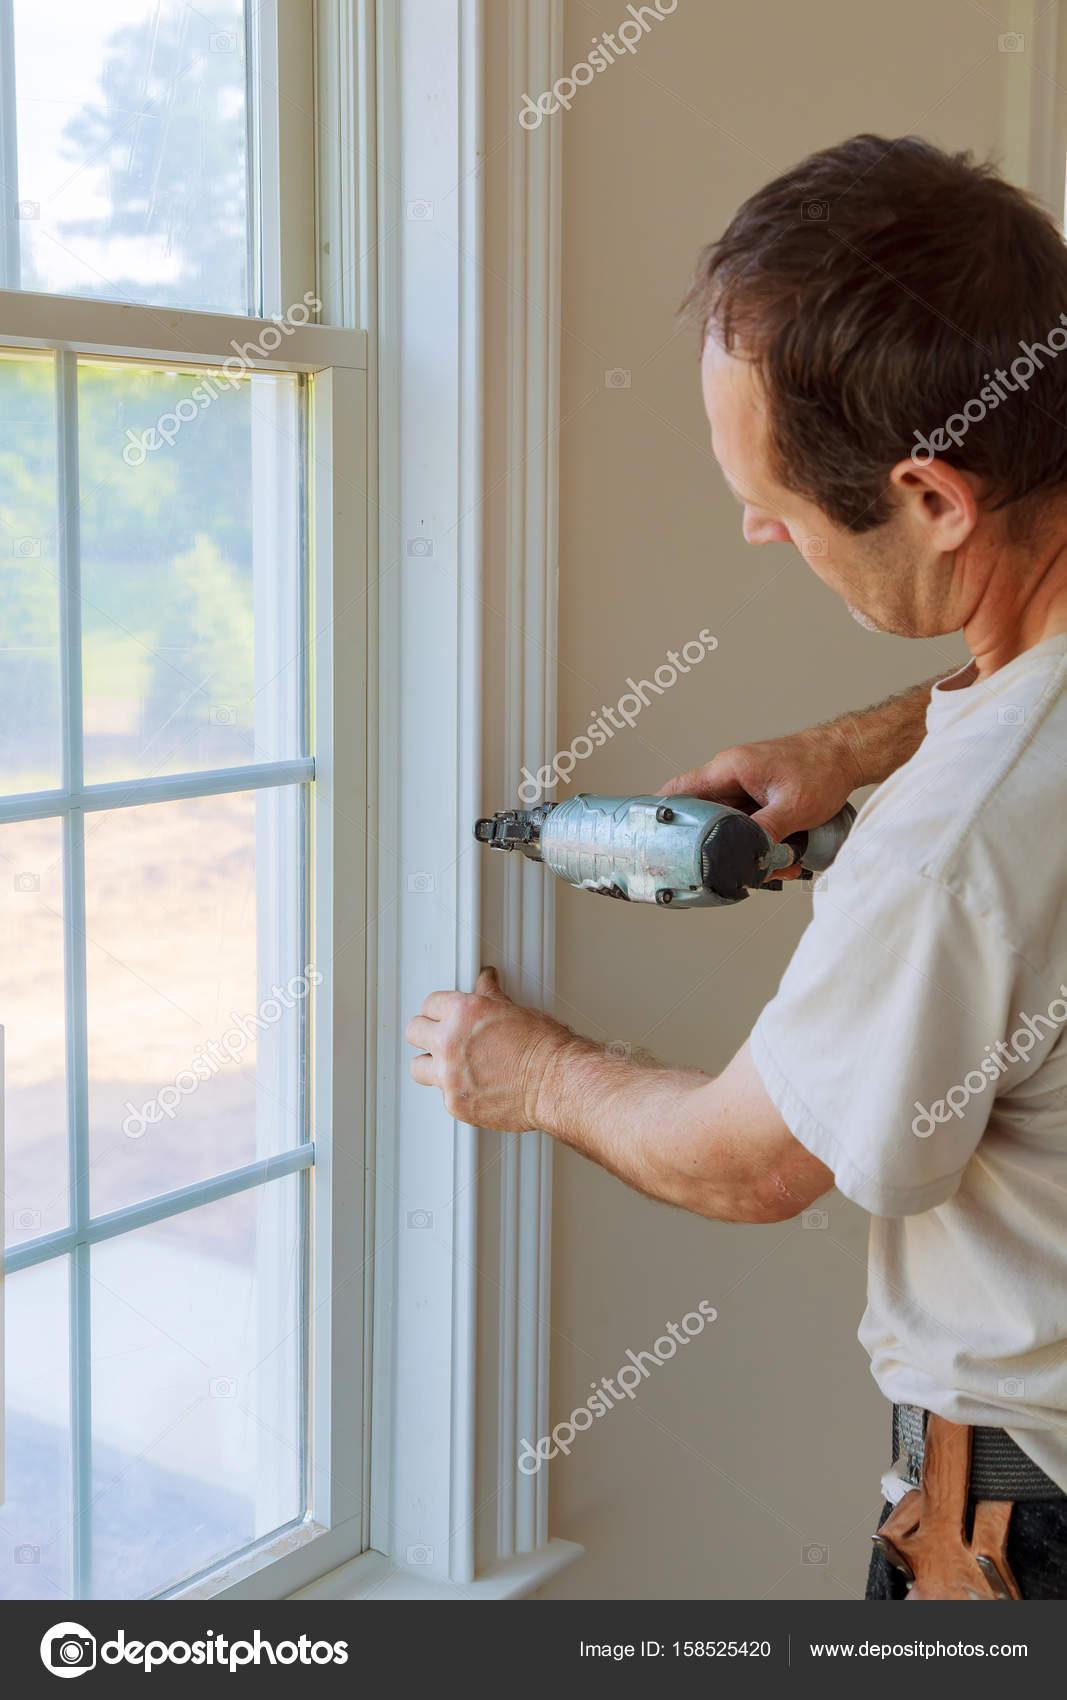 Brad mit Nagelpistole an Formteilen unter Windows, framing Trim ...